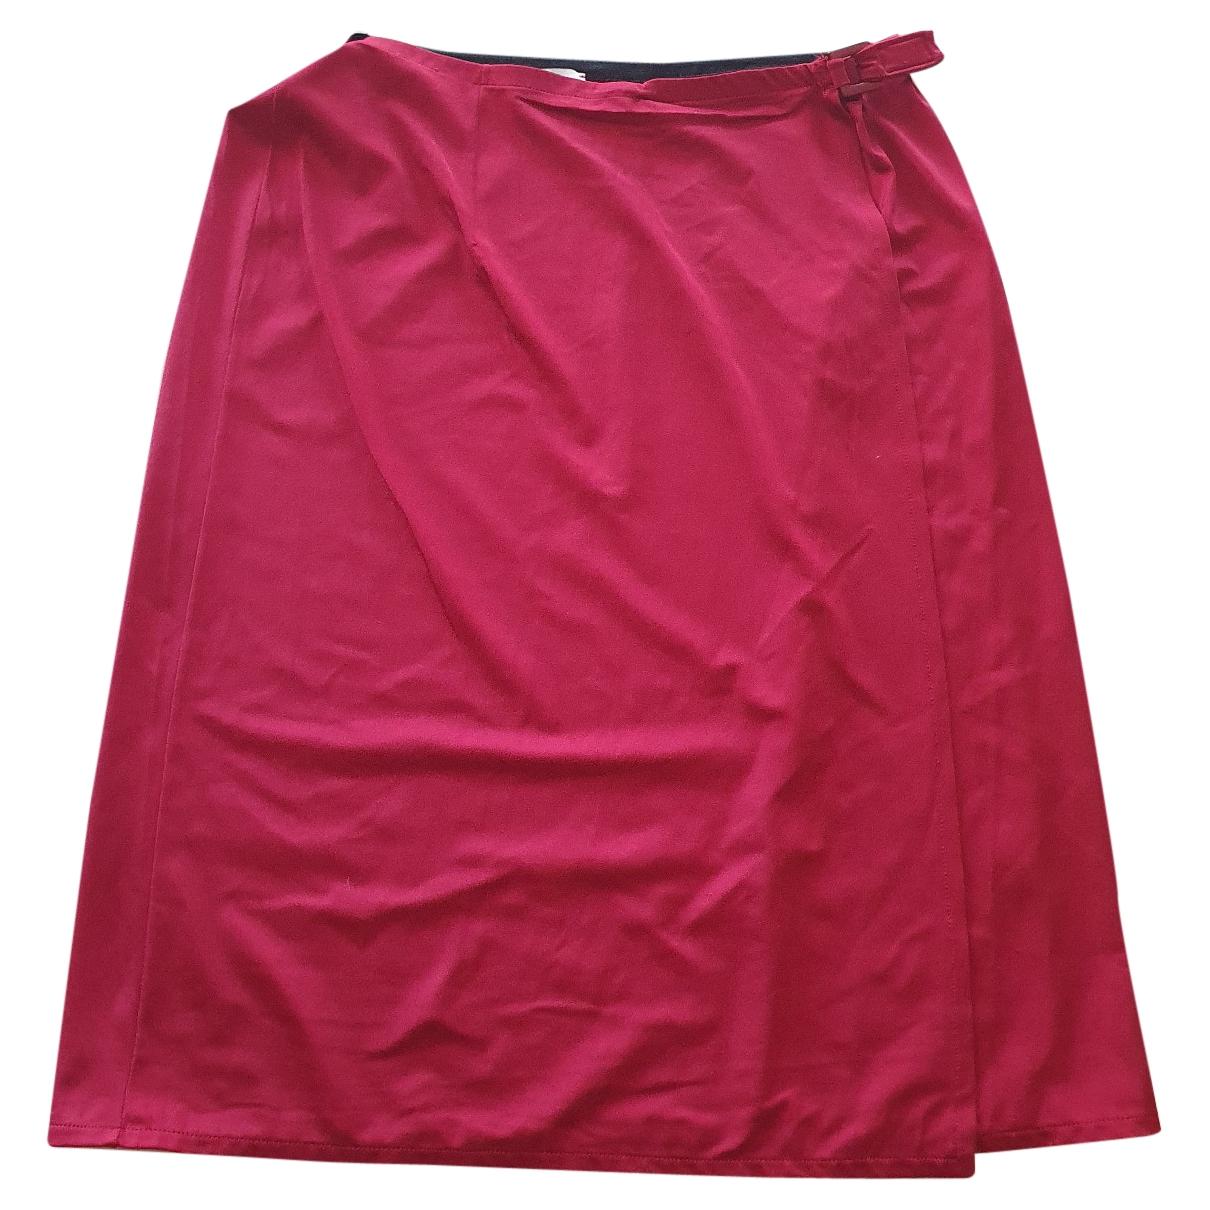 Dolce & Gabbana \N Burgundy skirt for Women 44 IT